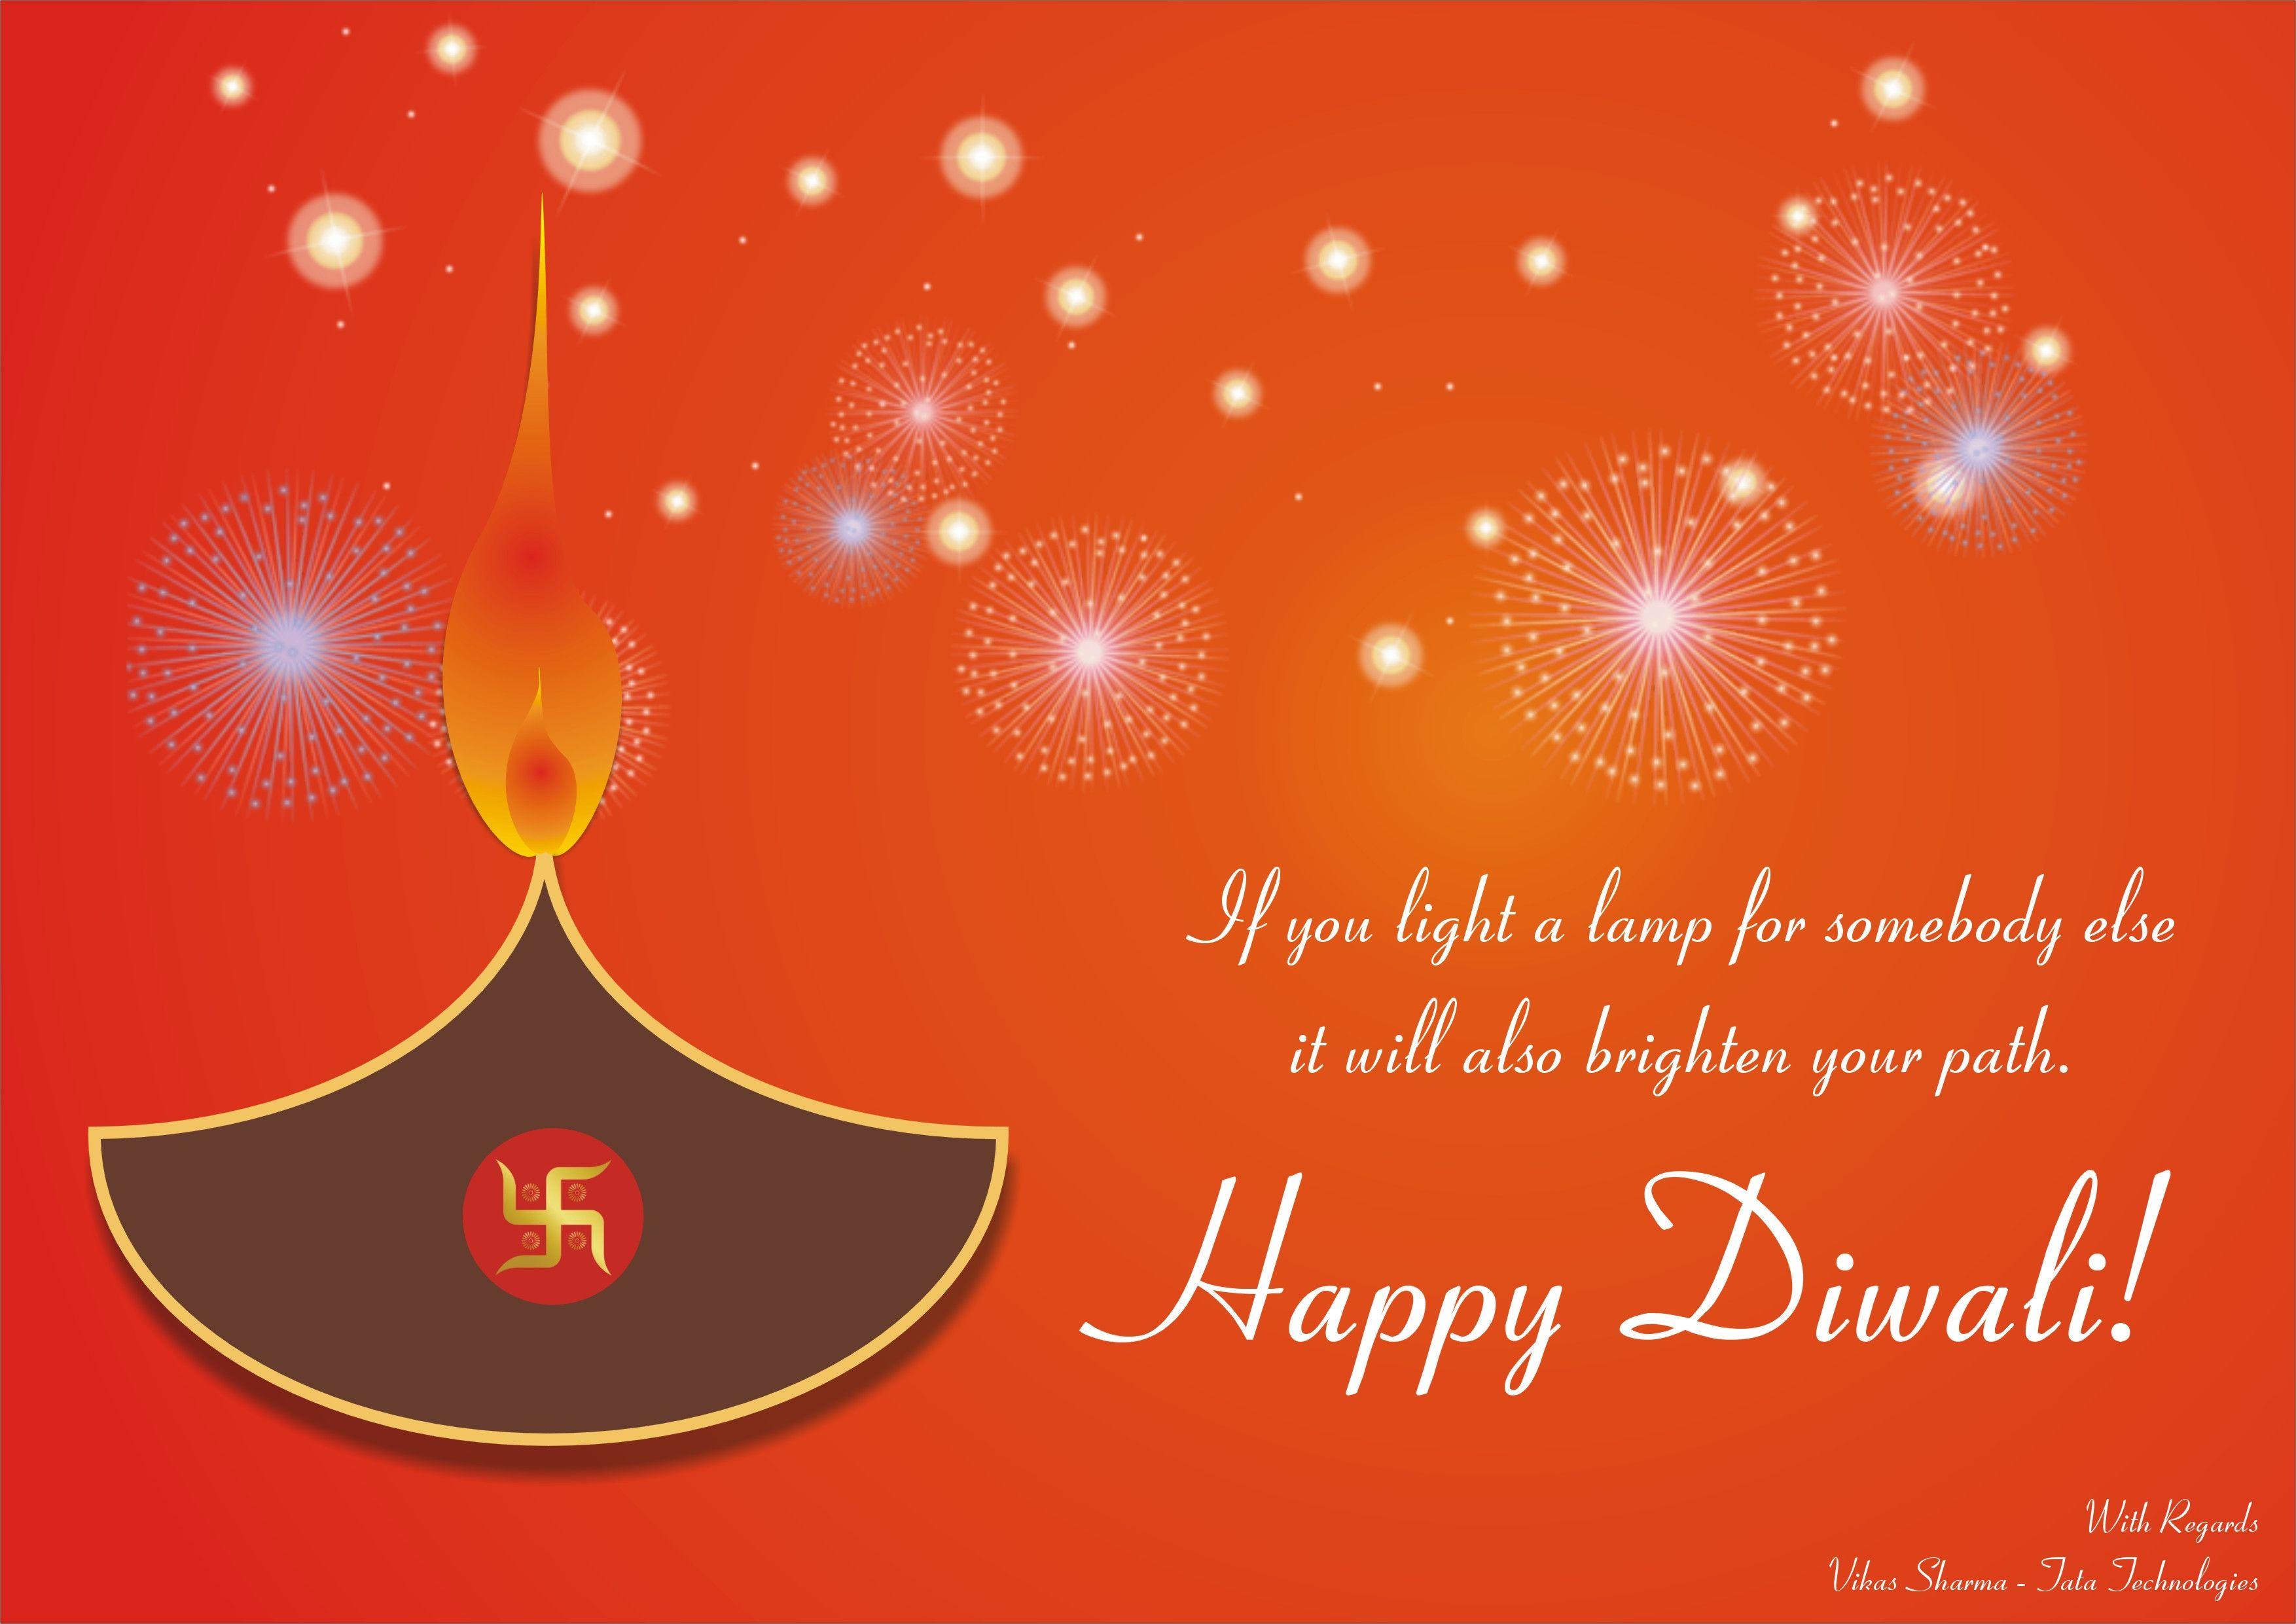 Pin By Oaka Kylik On Diwali Greeting Cards Uk Pinterest Diwali